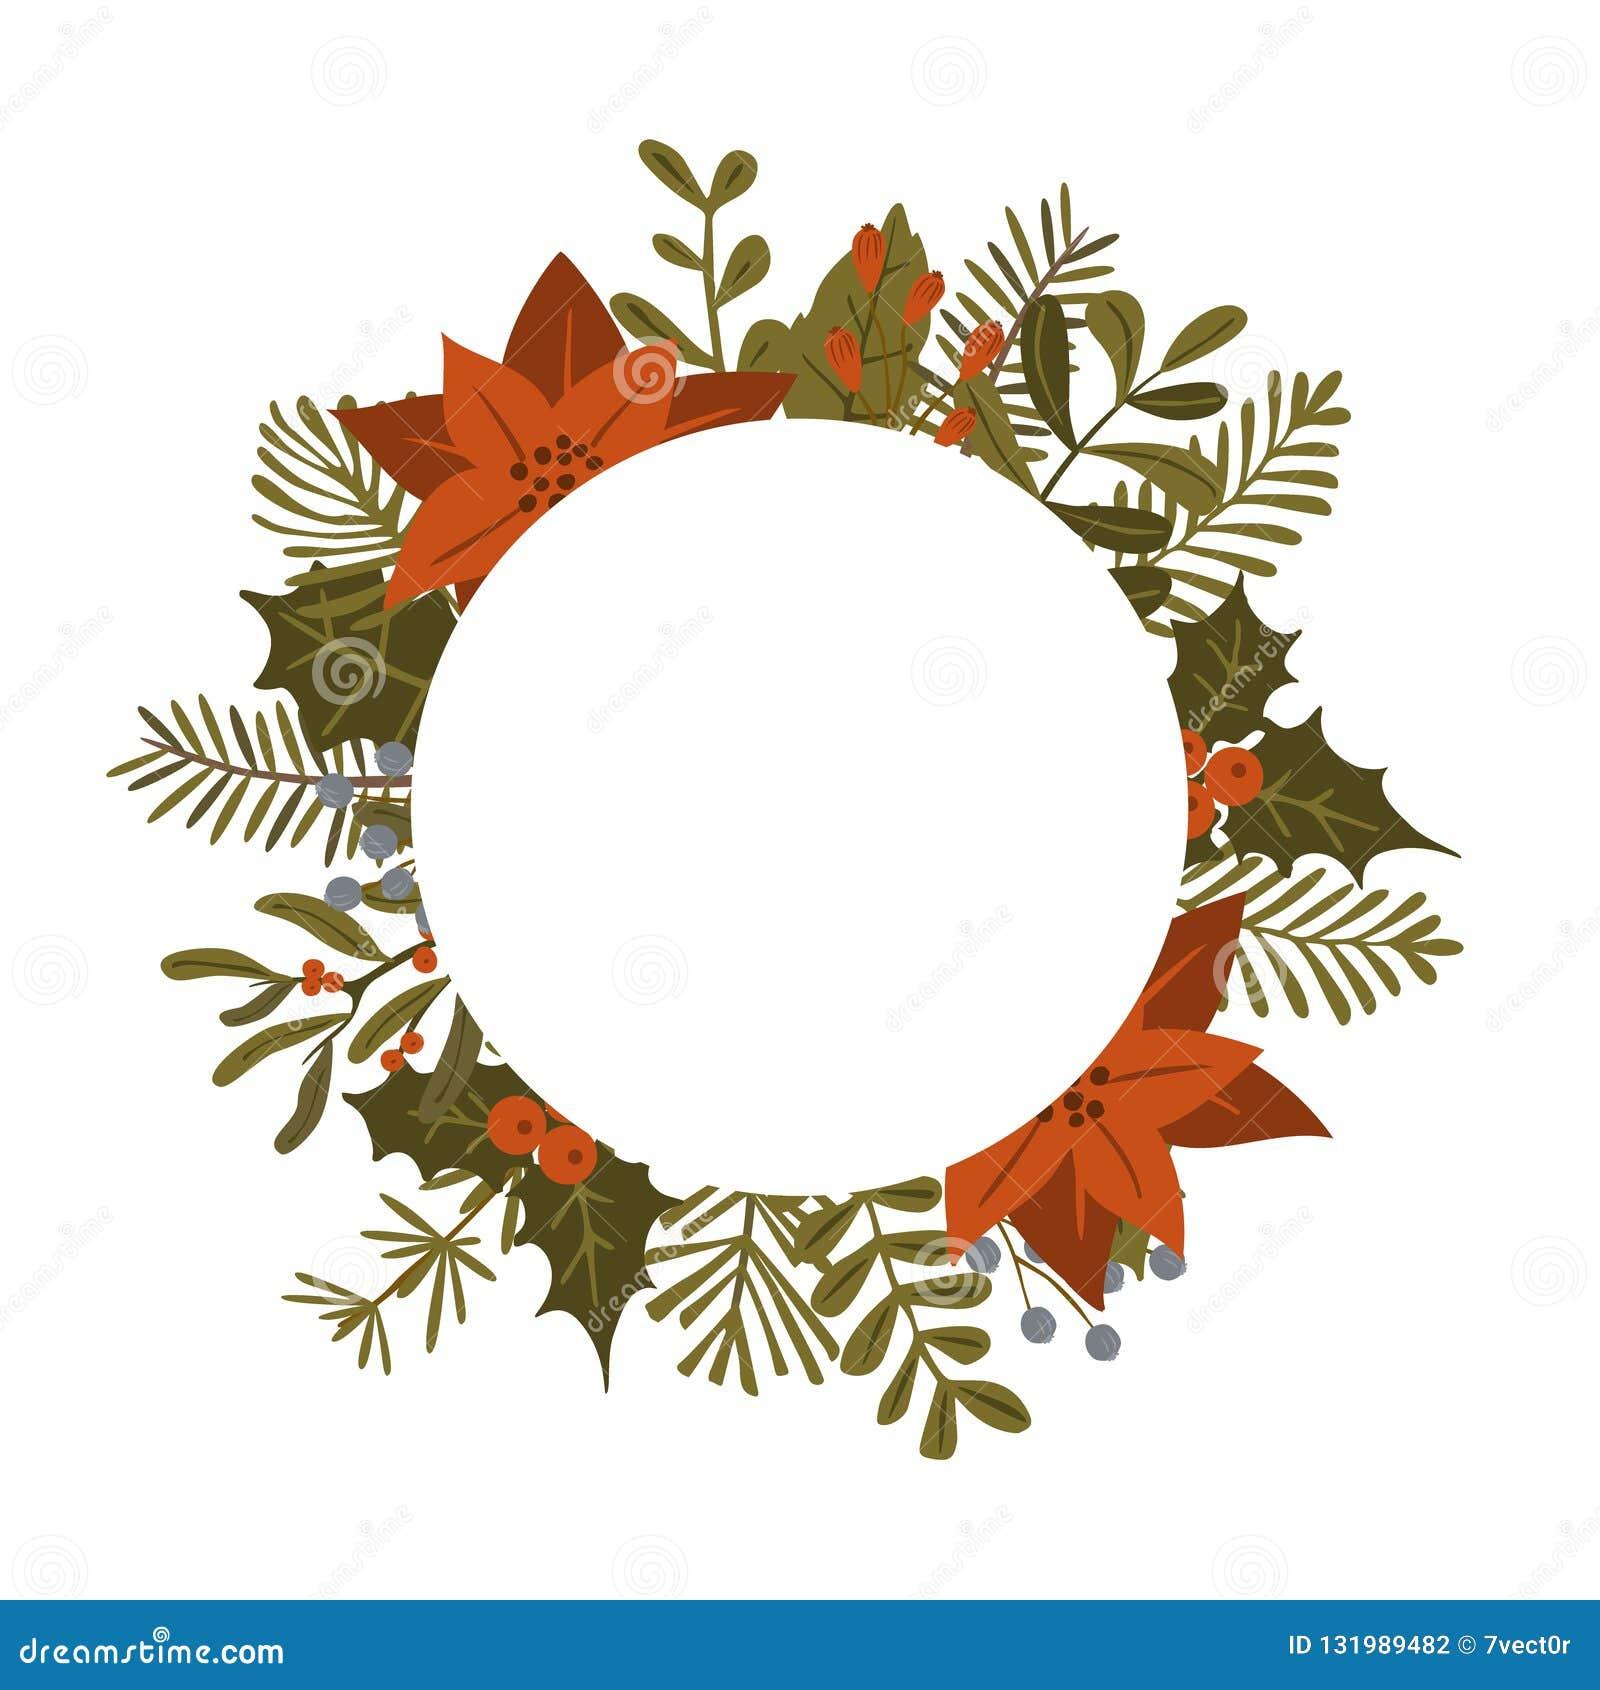 Bożenarodzeniowe zimy ulistnienia rośliny, poinsecja kwitną liść gałąź, czerwony jagoda okręgu round ramy szablon, odosobniony we